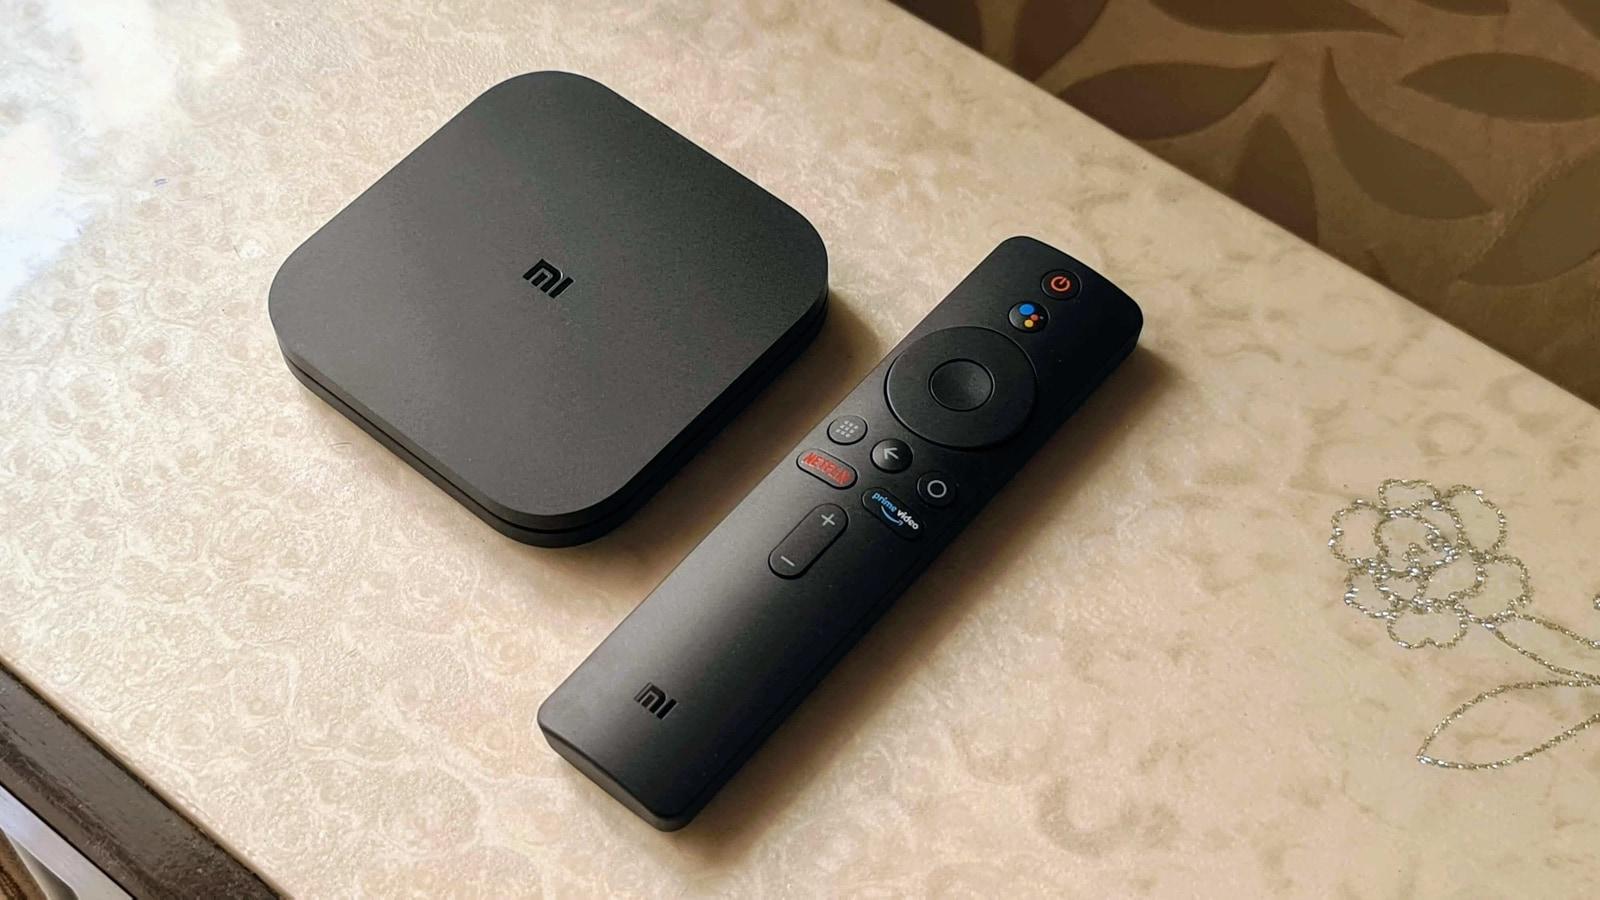 xiaomi mi box 4k streaming ht (8) 1594059837658 1594059845730.